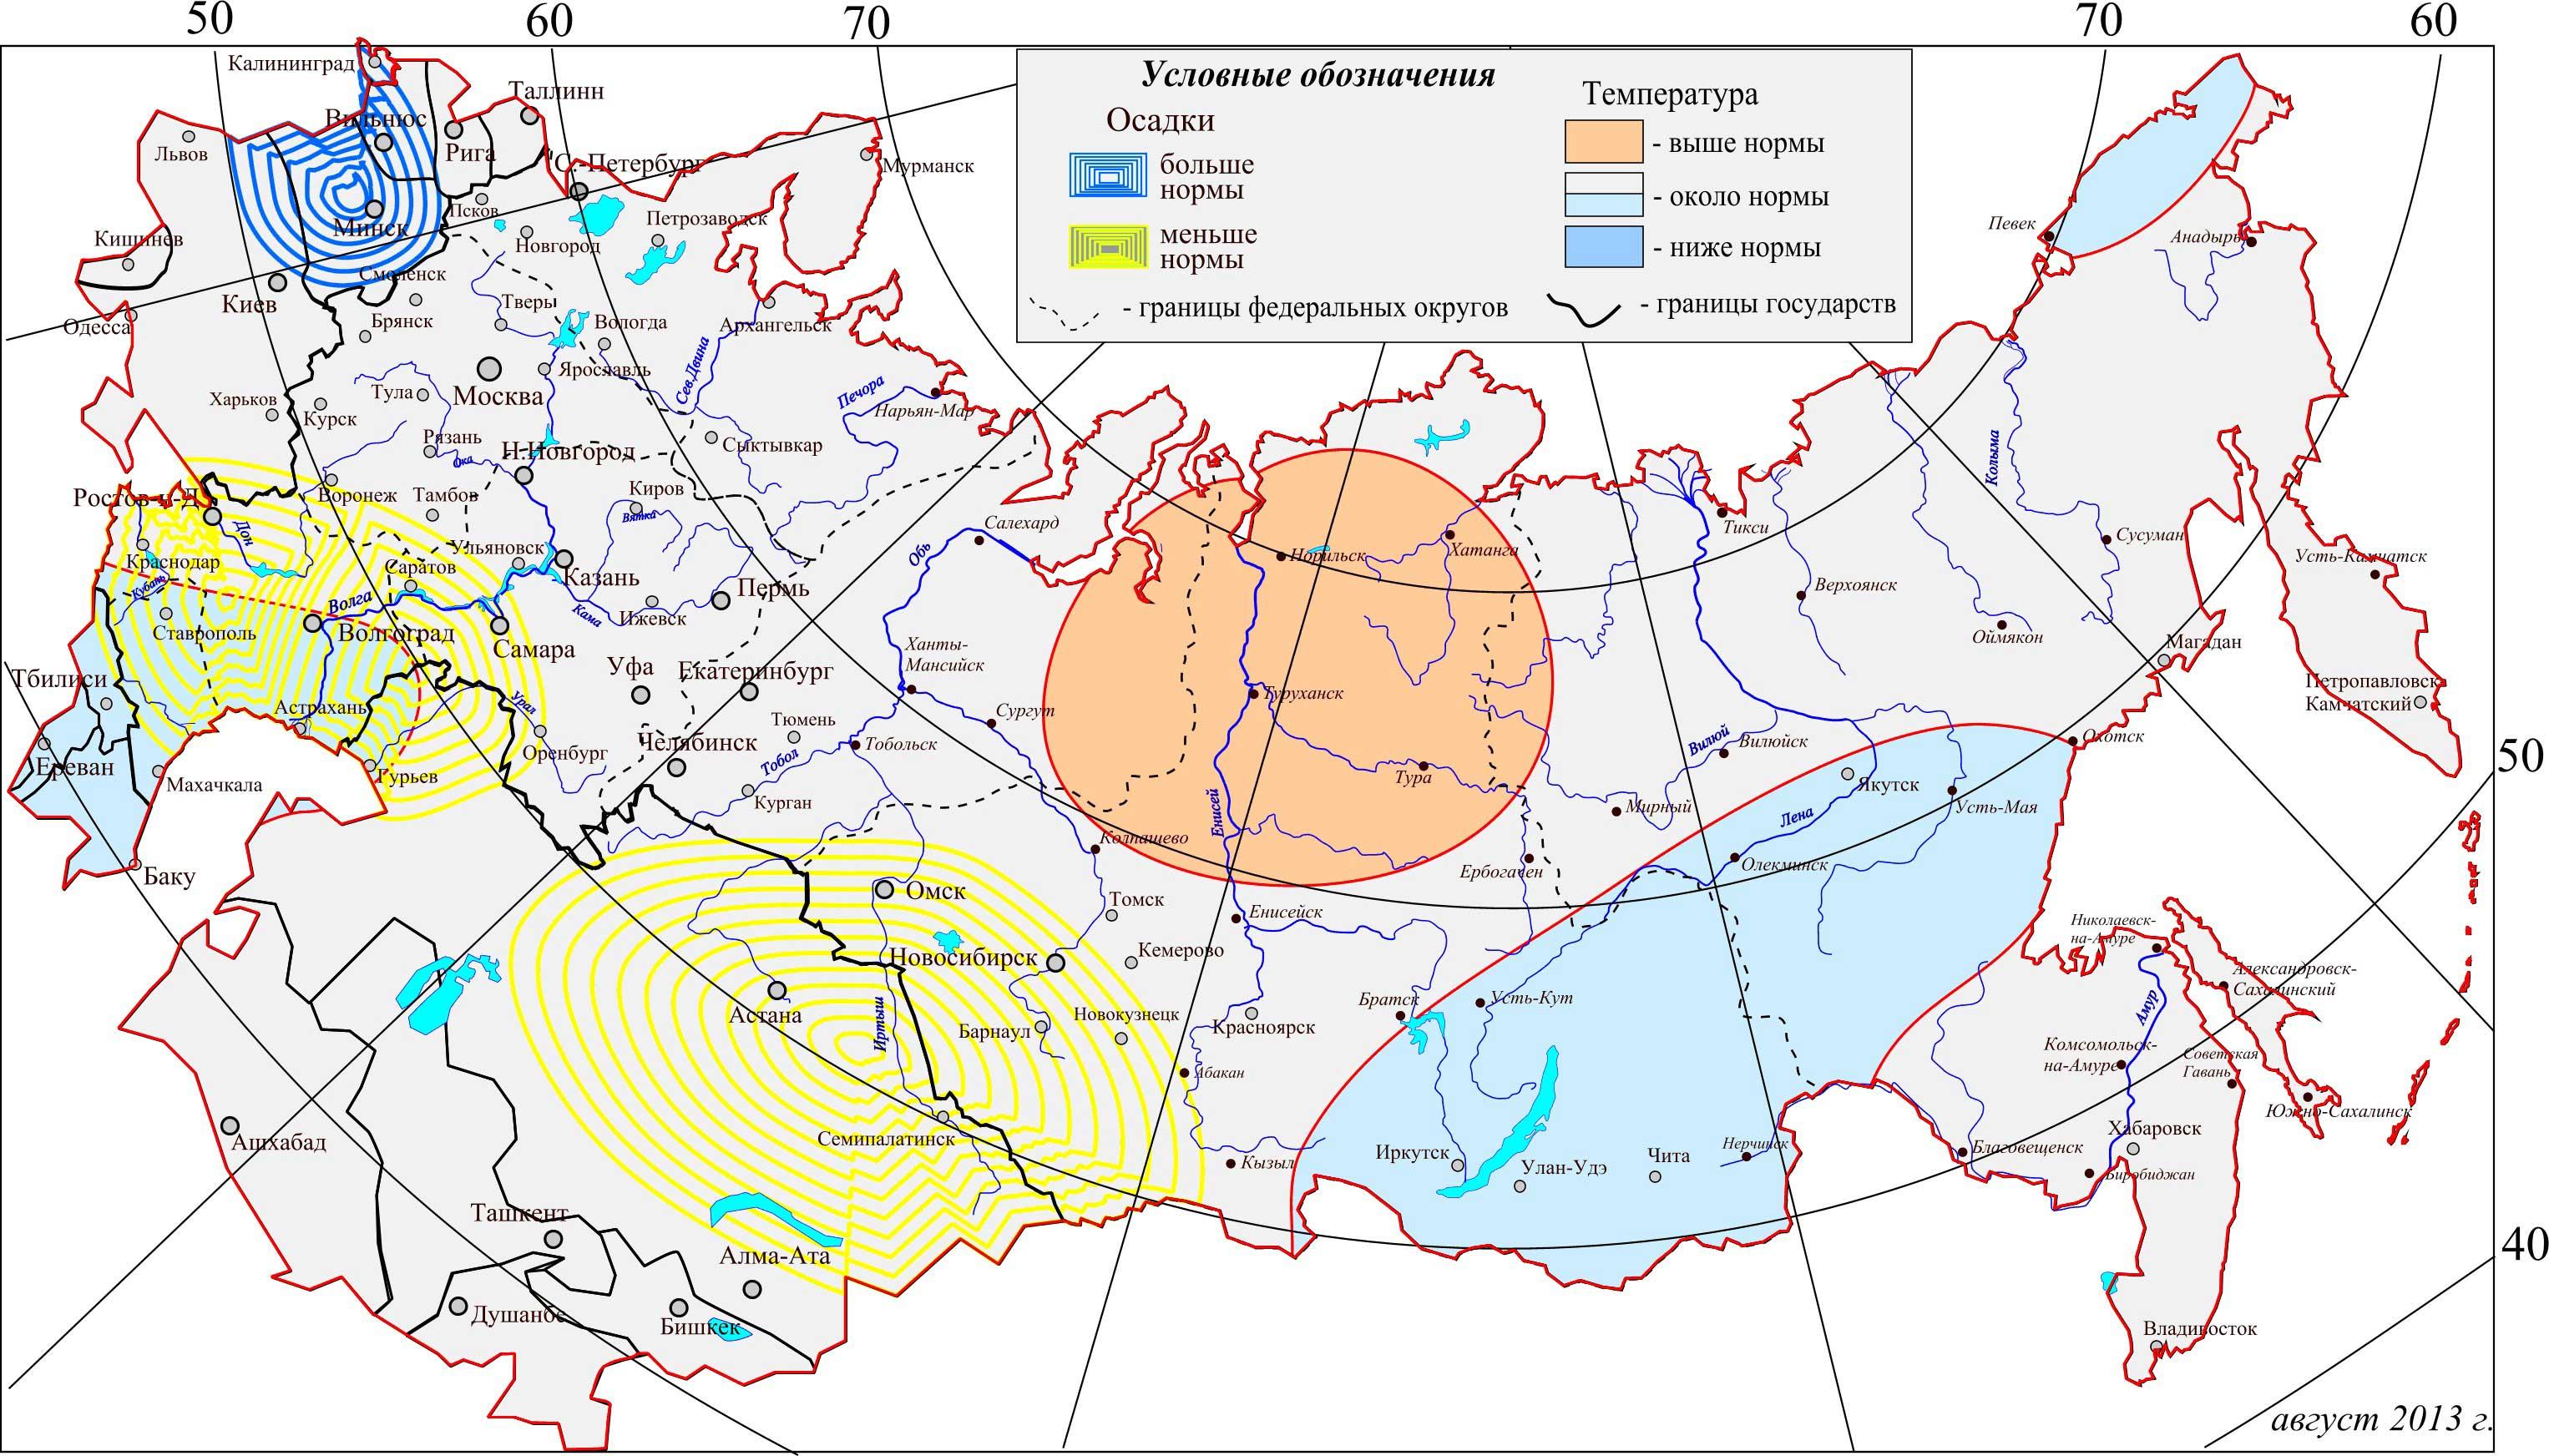 Май 2013 долгосрочный прогноз погоды в